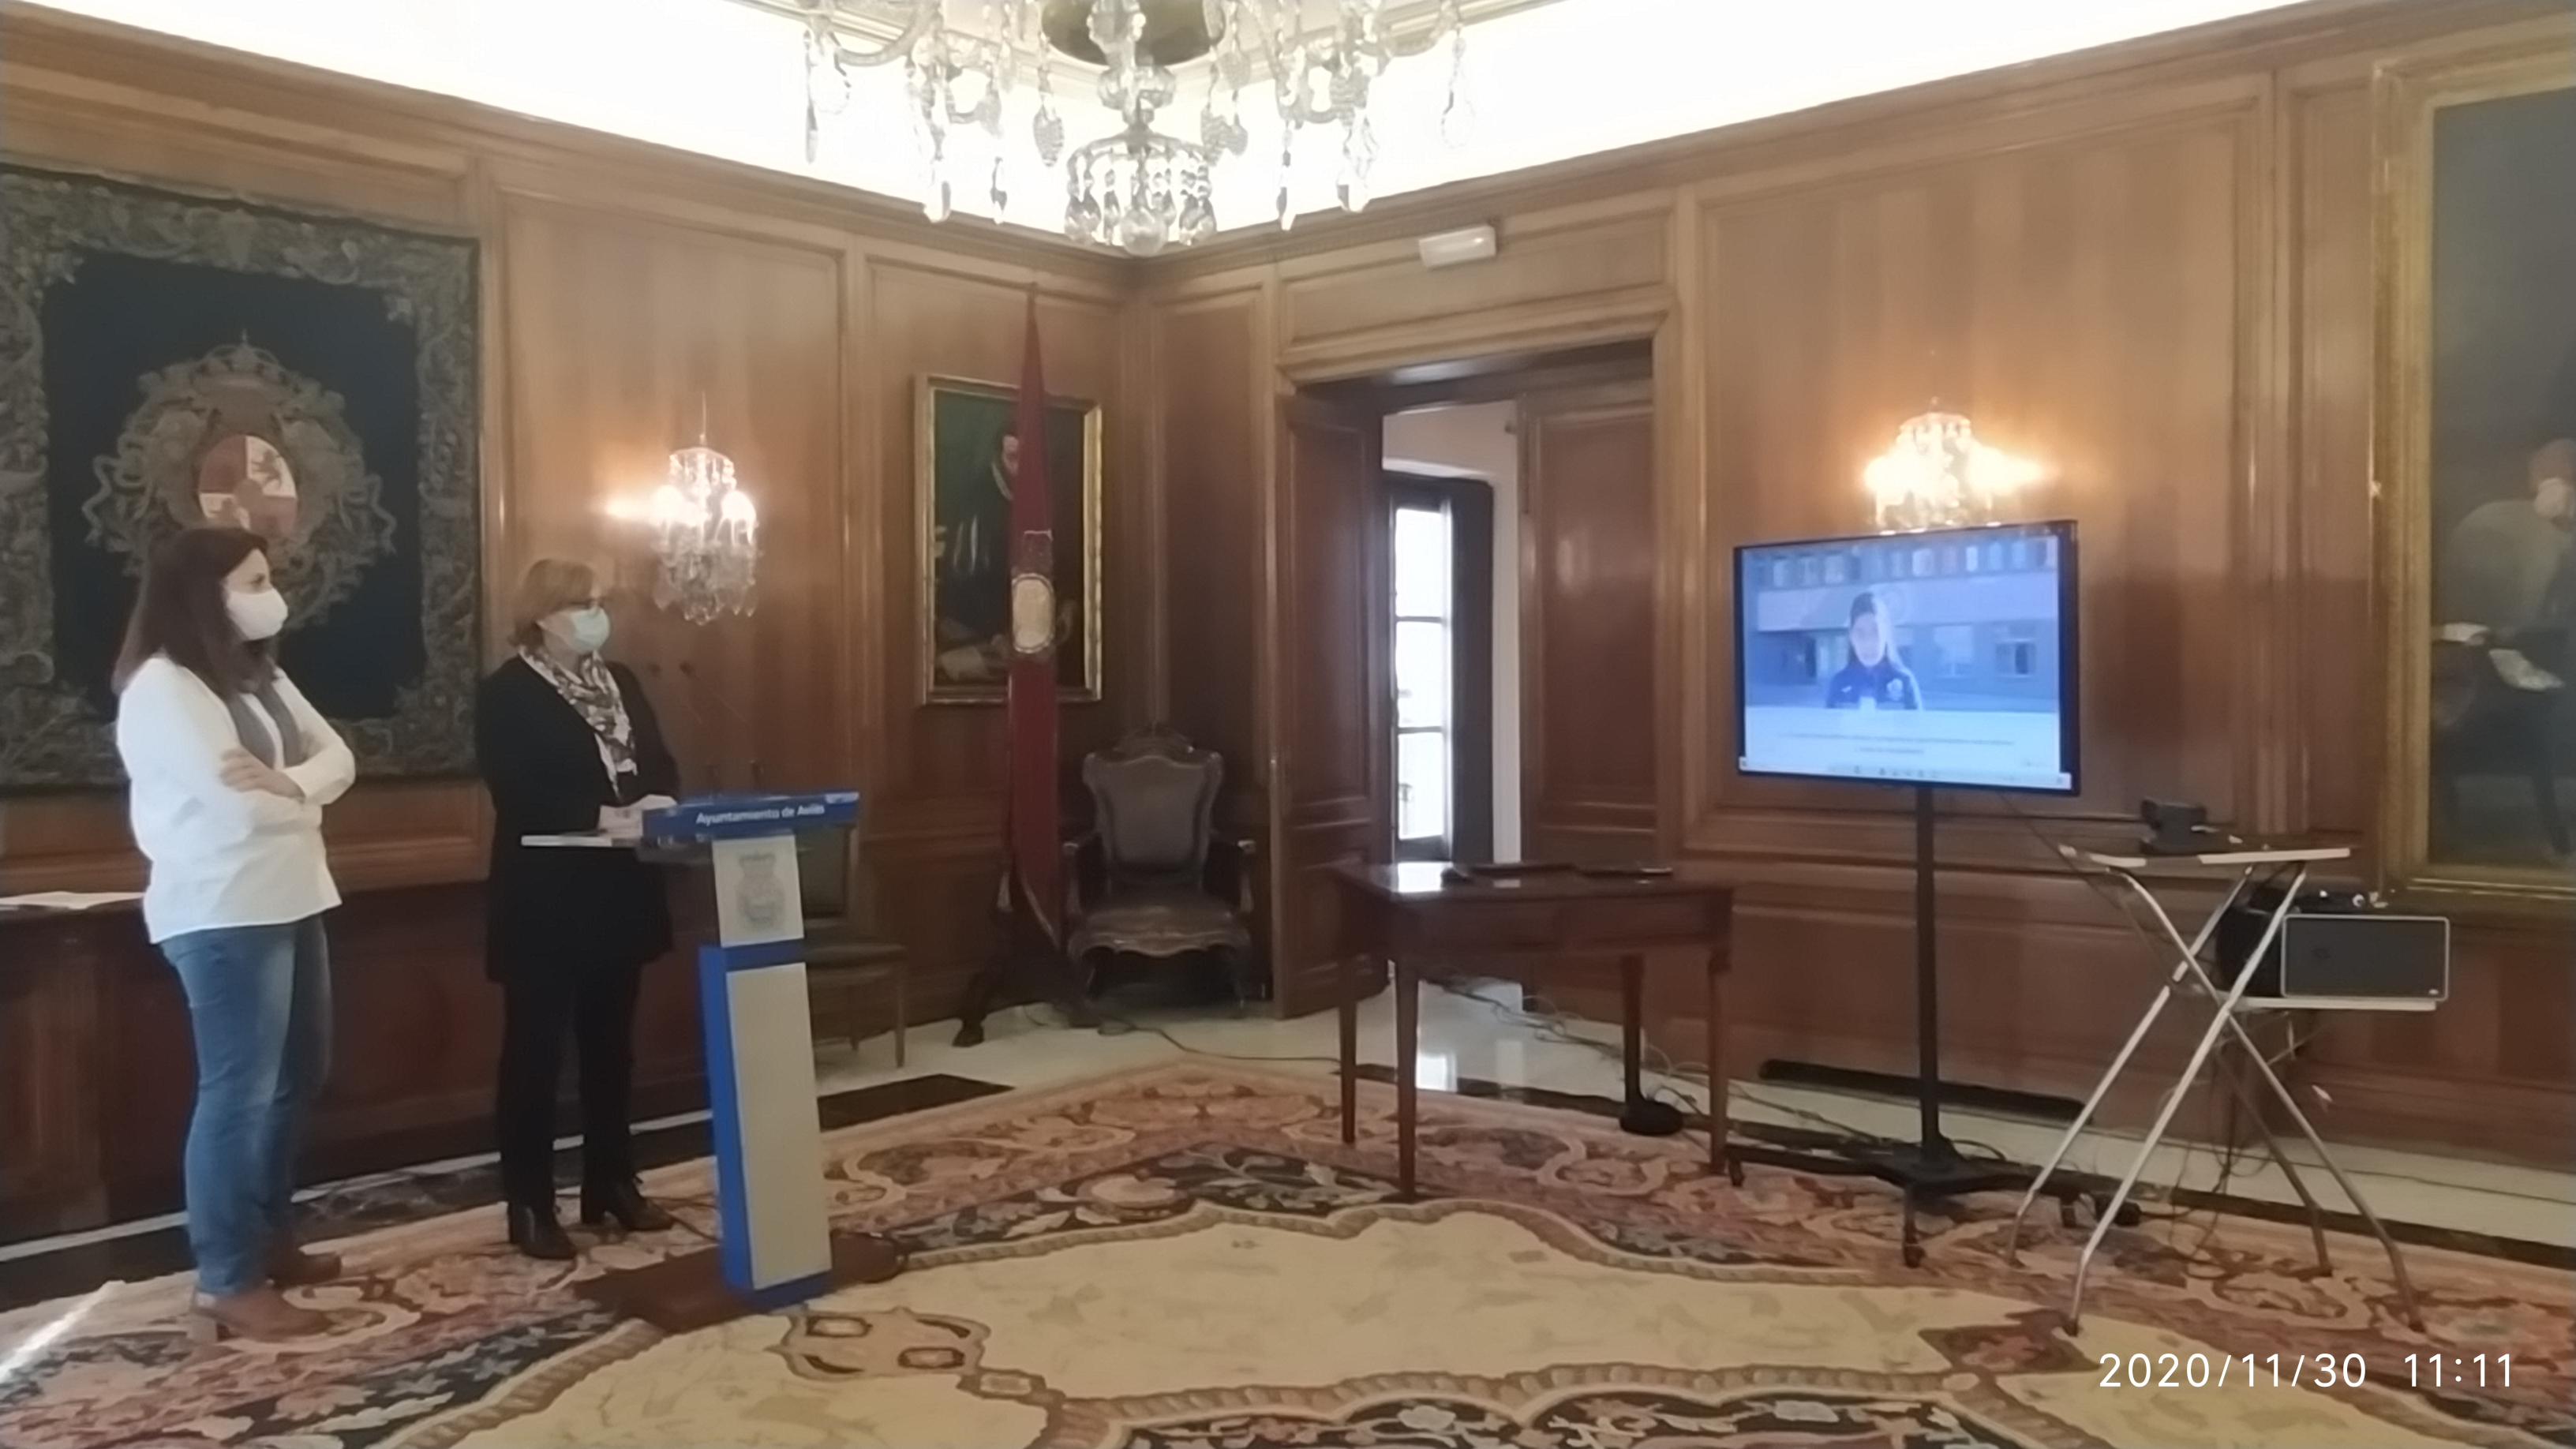 Alcaldesa de Avilés presentando los vídeos conmemorativos de la Ciudad Educadora